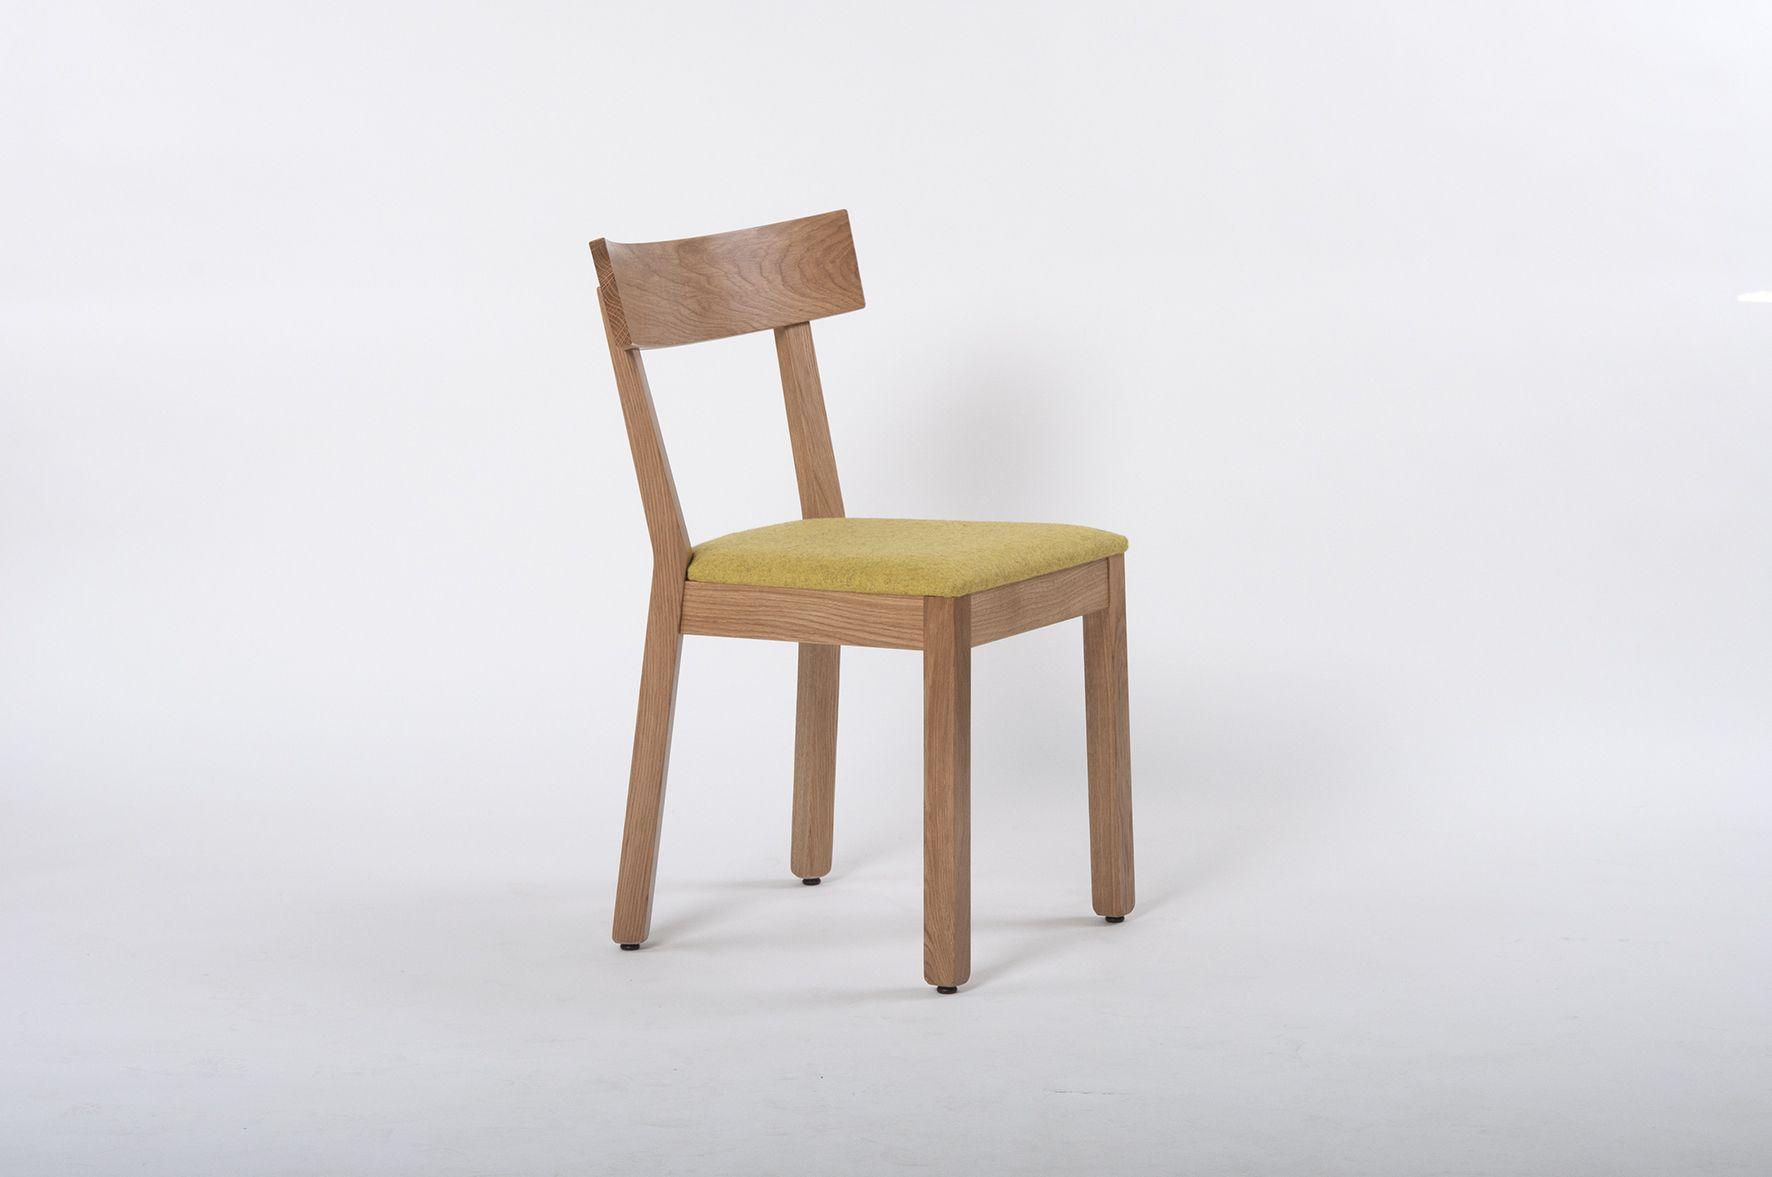 Wie Beim Holz Steht Unser Mobeldesign Unter Der Pramisse Der Nachhaltigkeit Jeder Tisch Jeder Stuhl Wird Mit Viel Lieb Gastronomie Mobel Stuhle Polsterstuhl